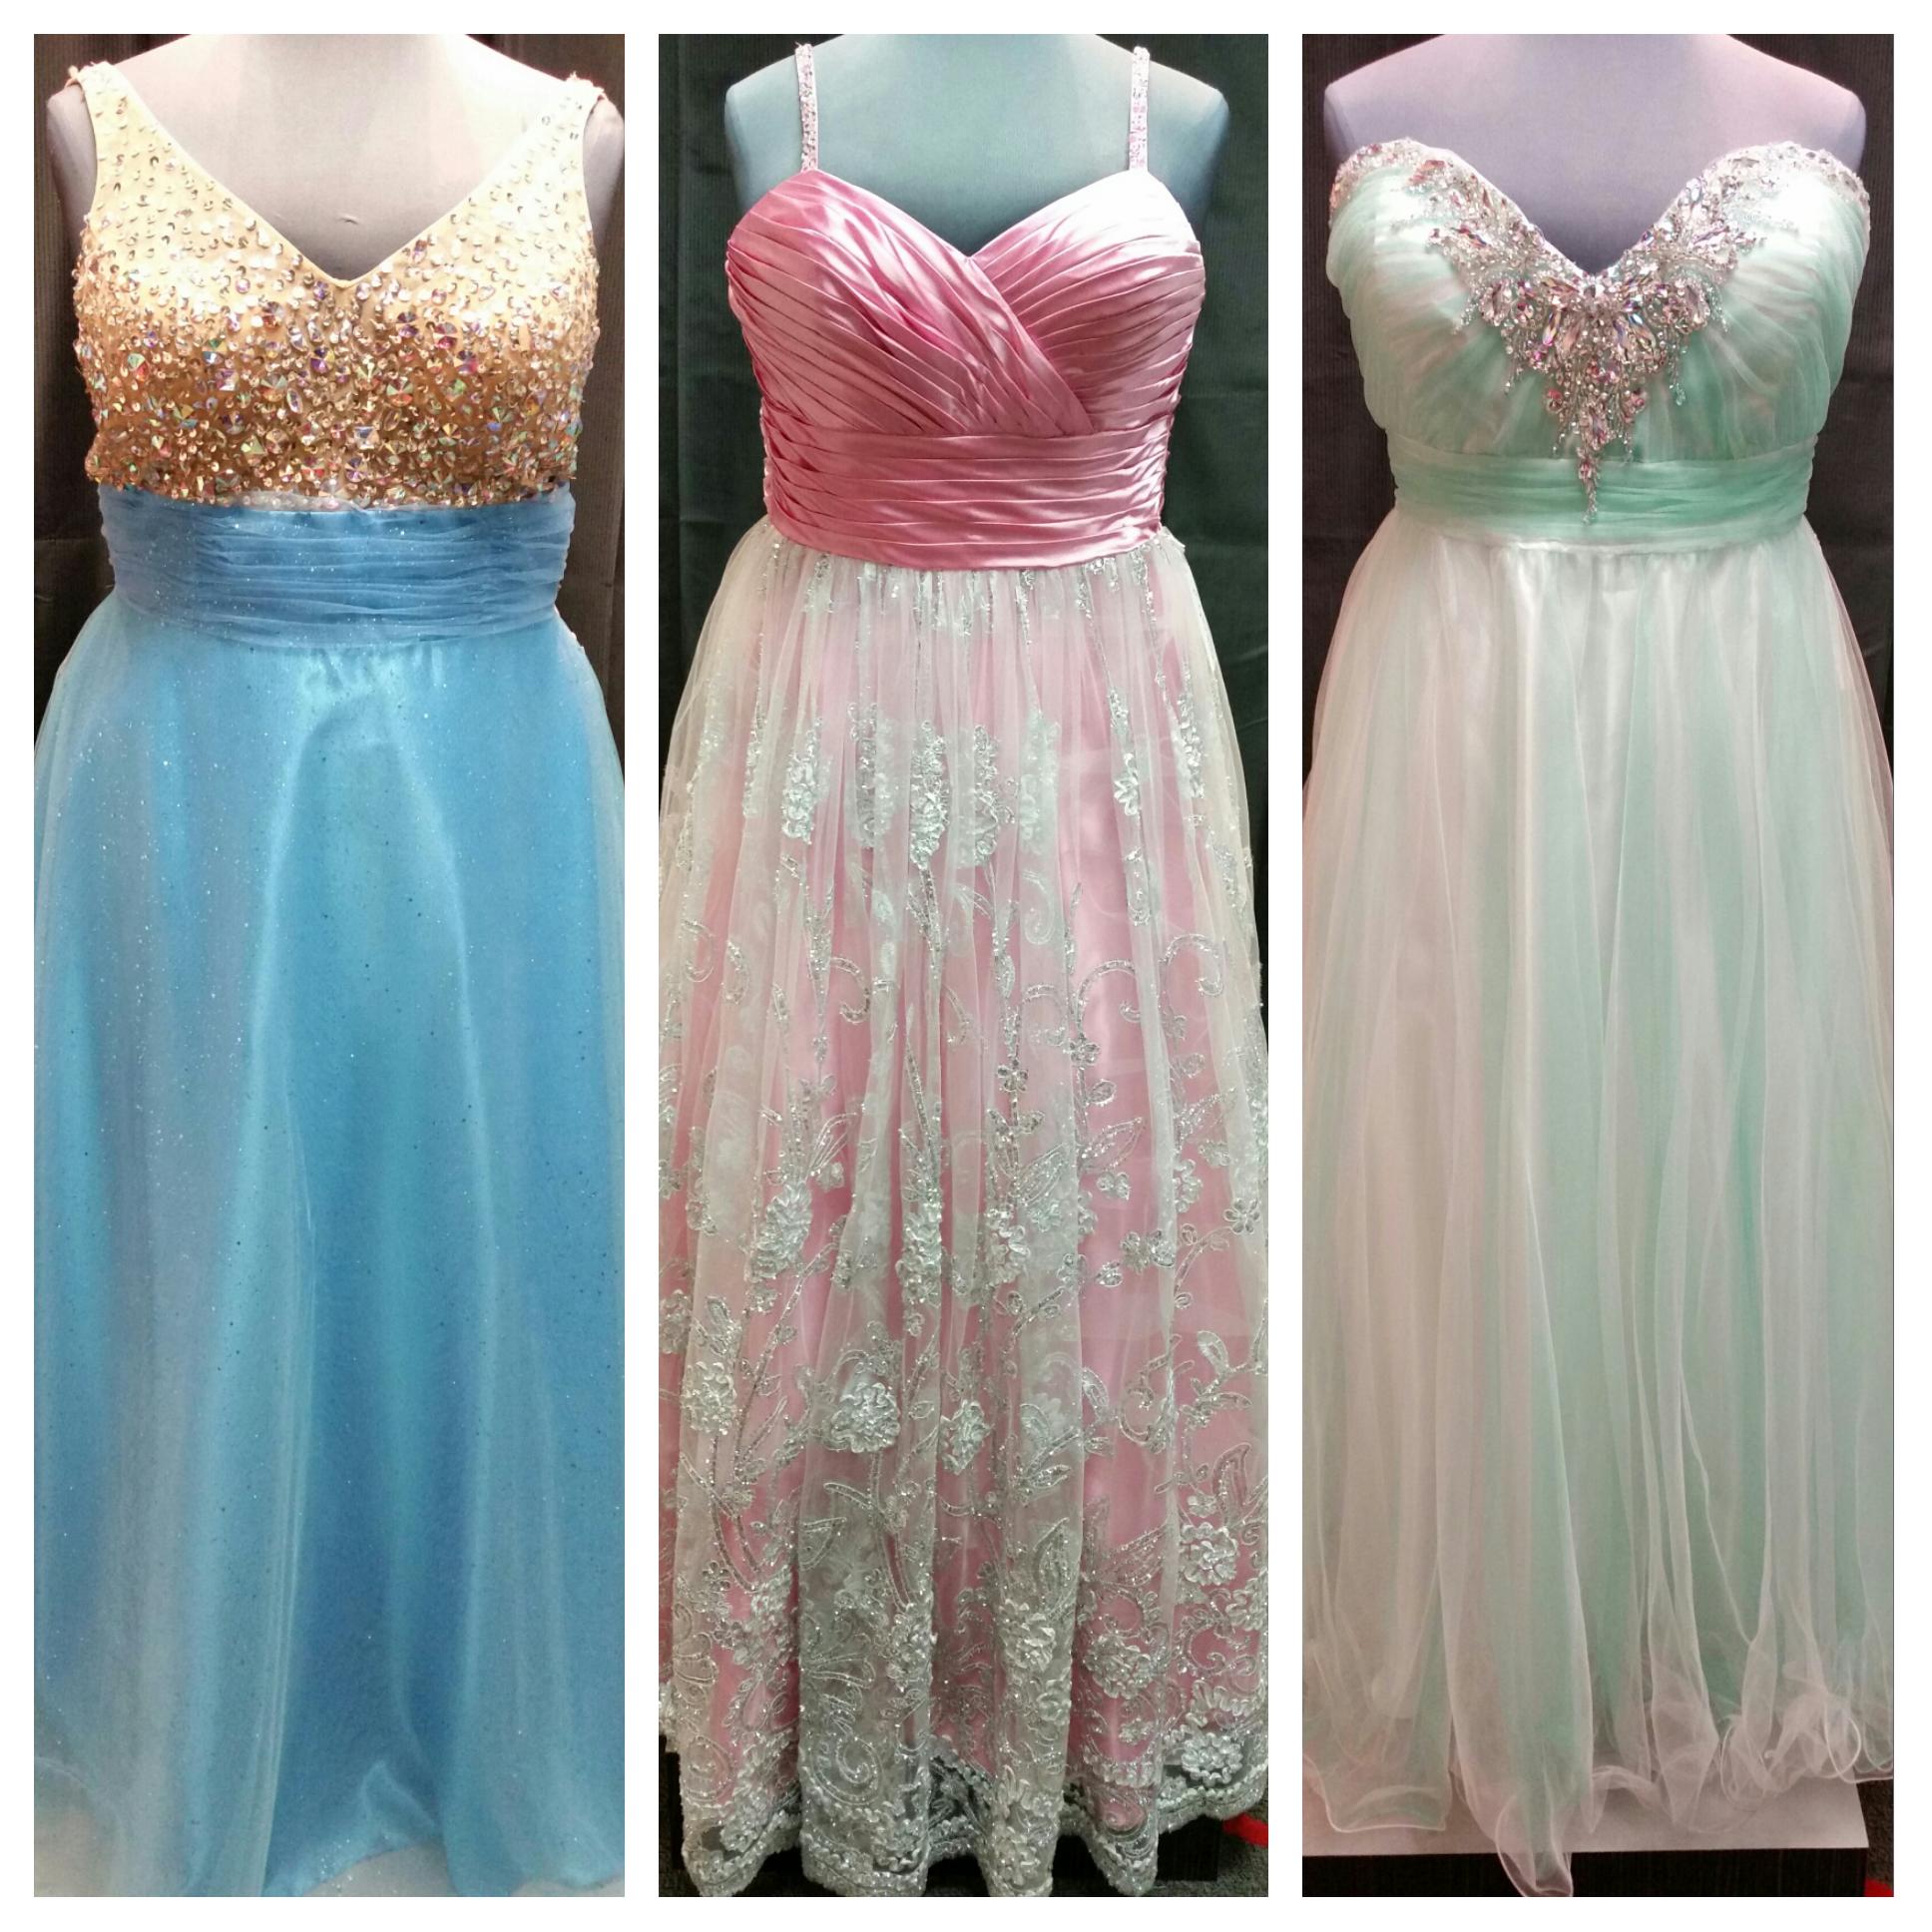 Unique Plus Size Prom Dresses –  3 Favorites at Strut!